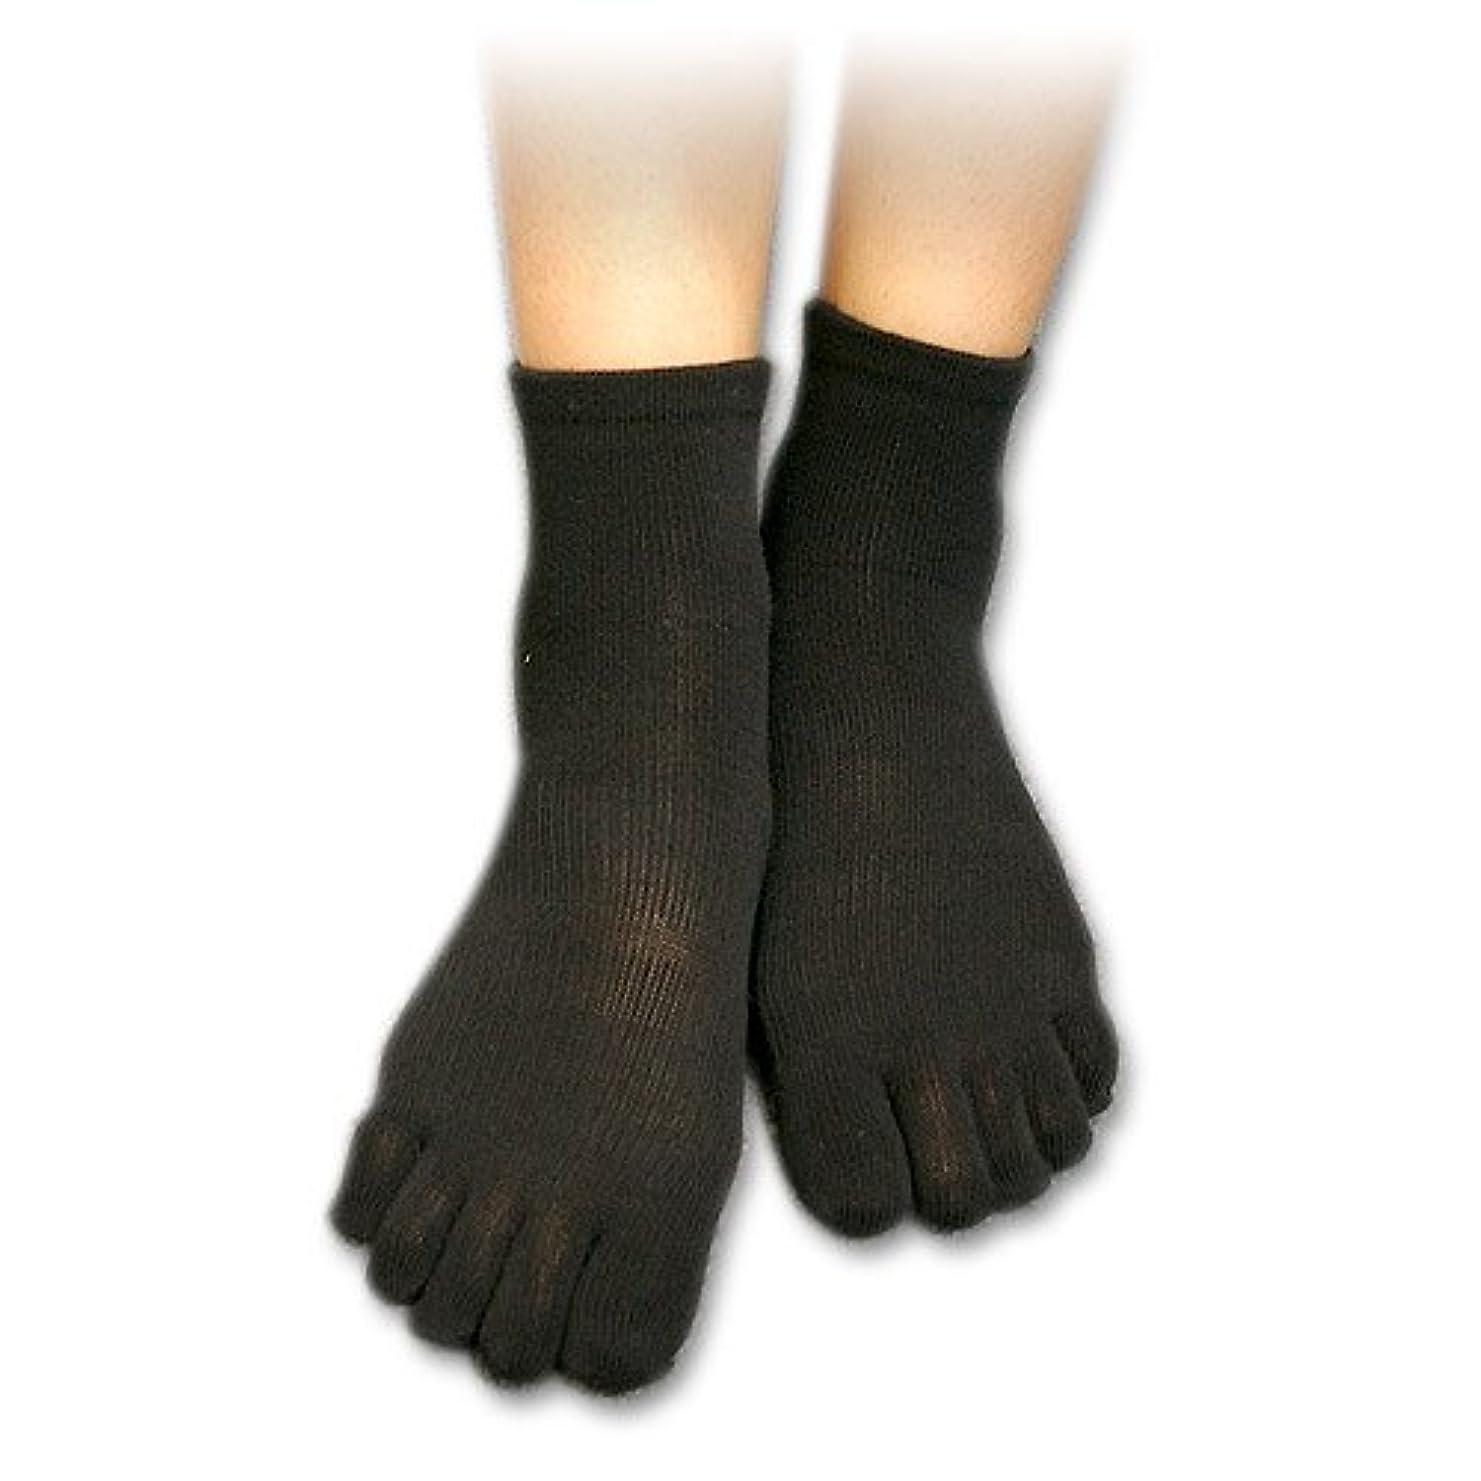 不完全なダム首謀者足裏安定5本指靴下(S(22-24cm), ブラック)